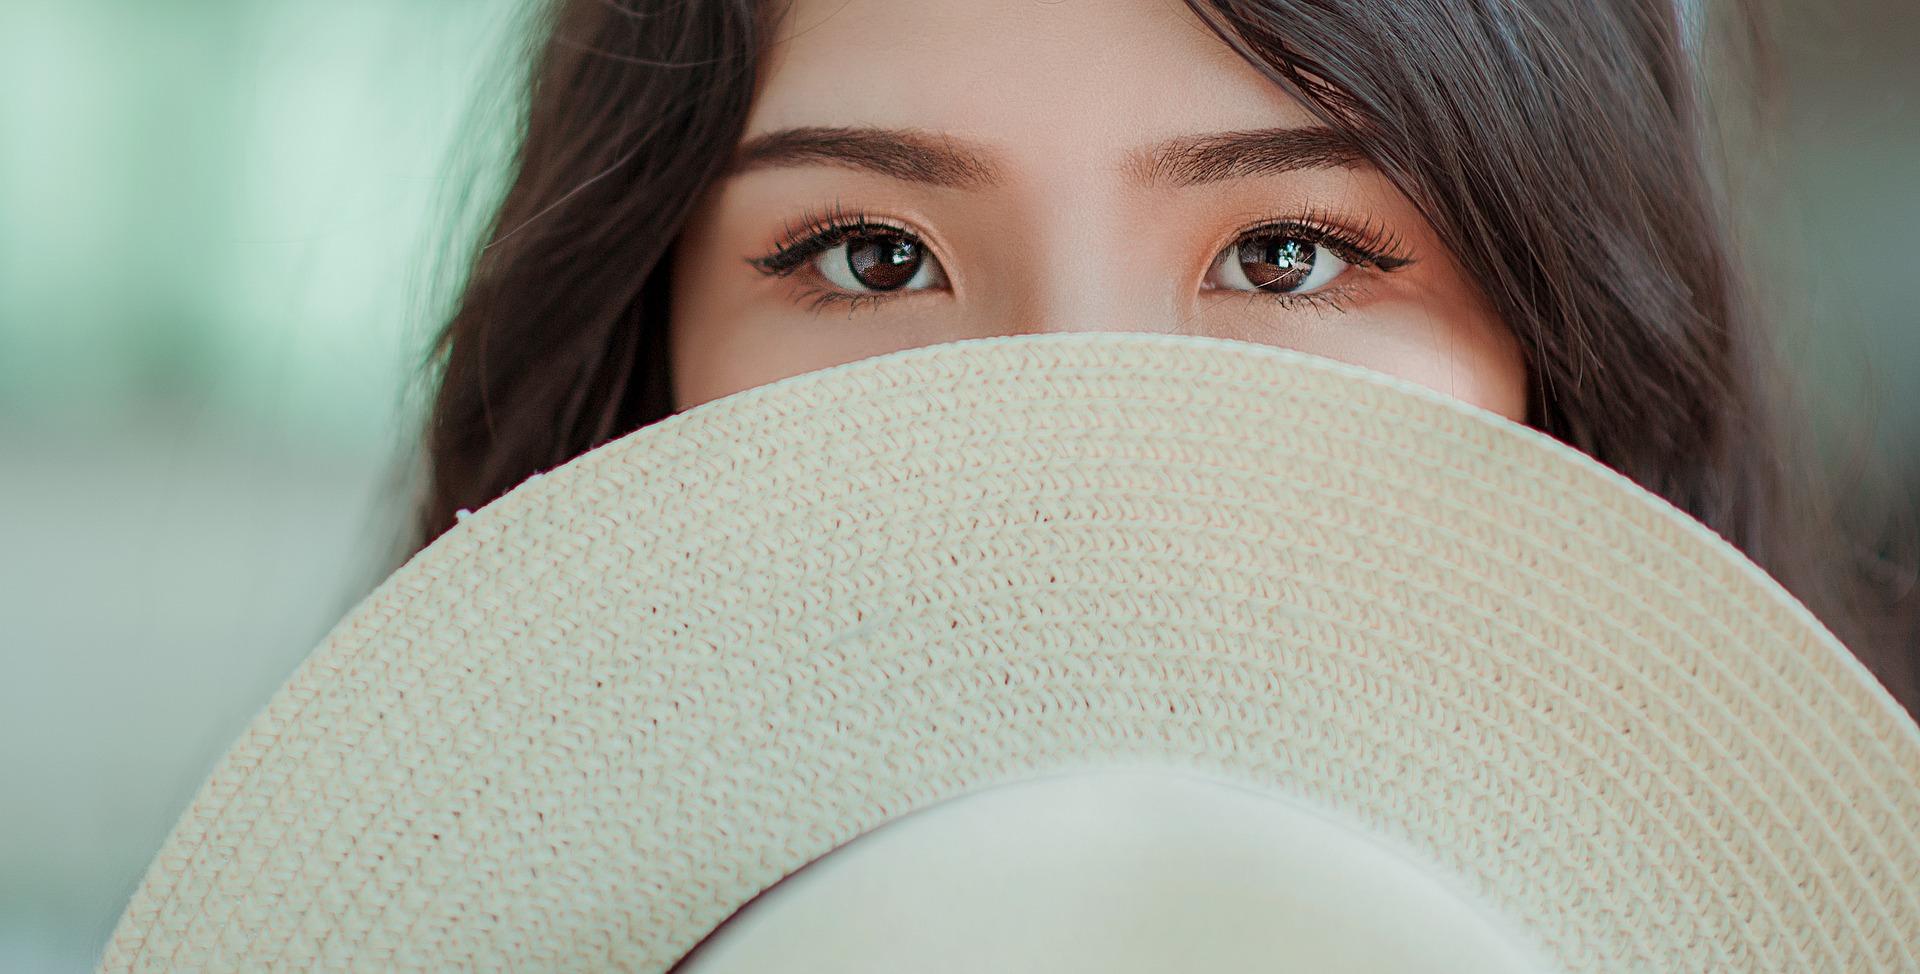 occhi a mandorla